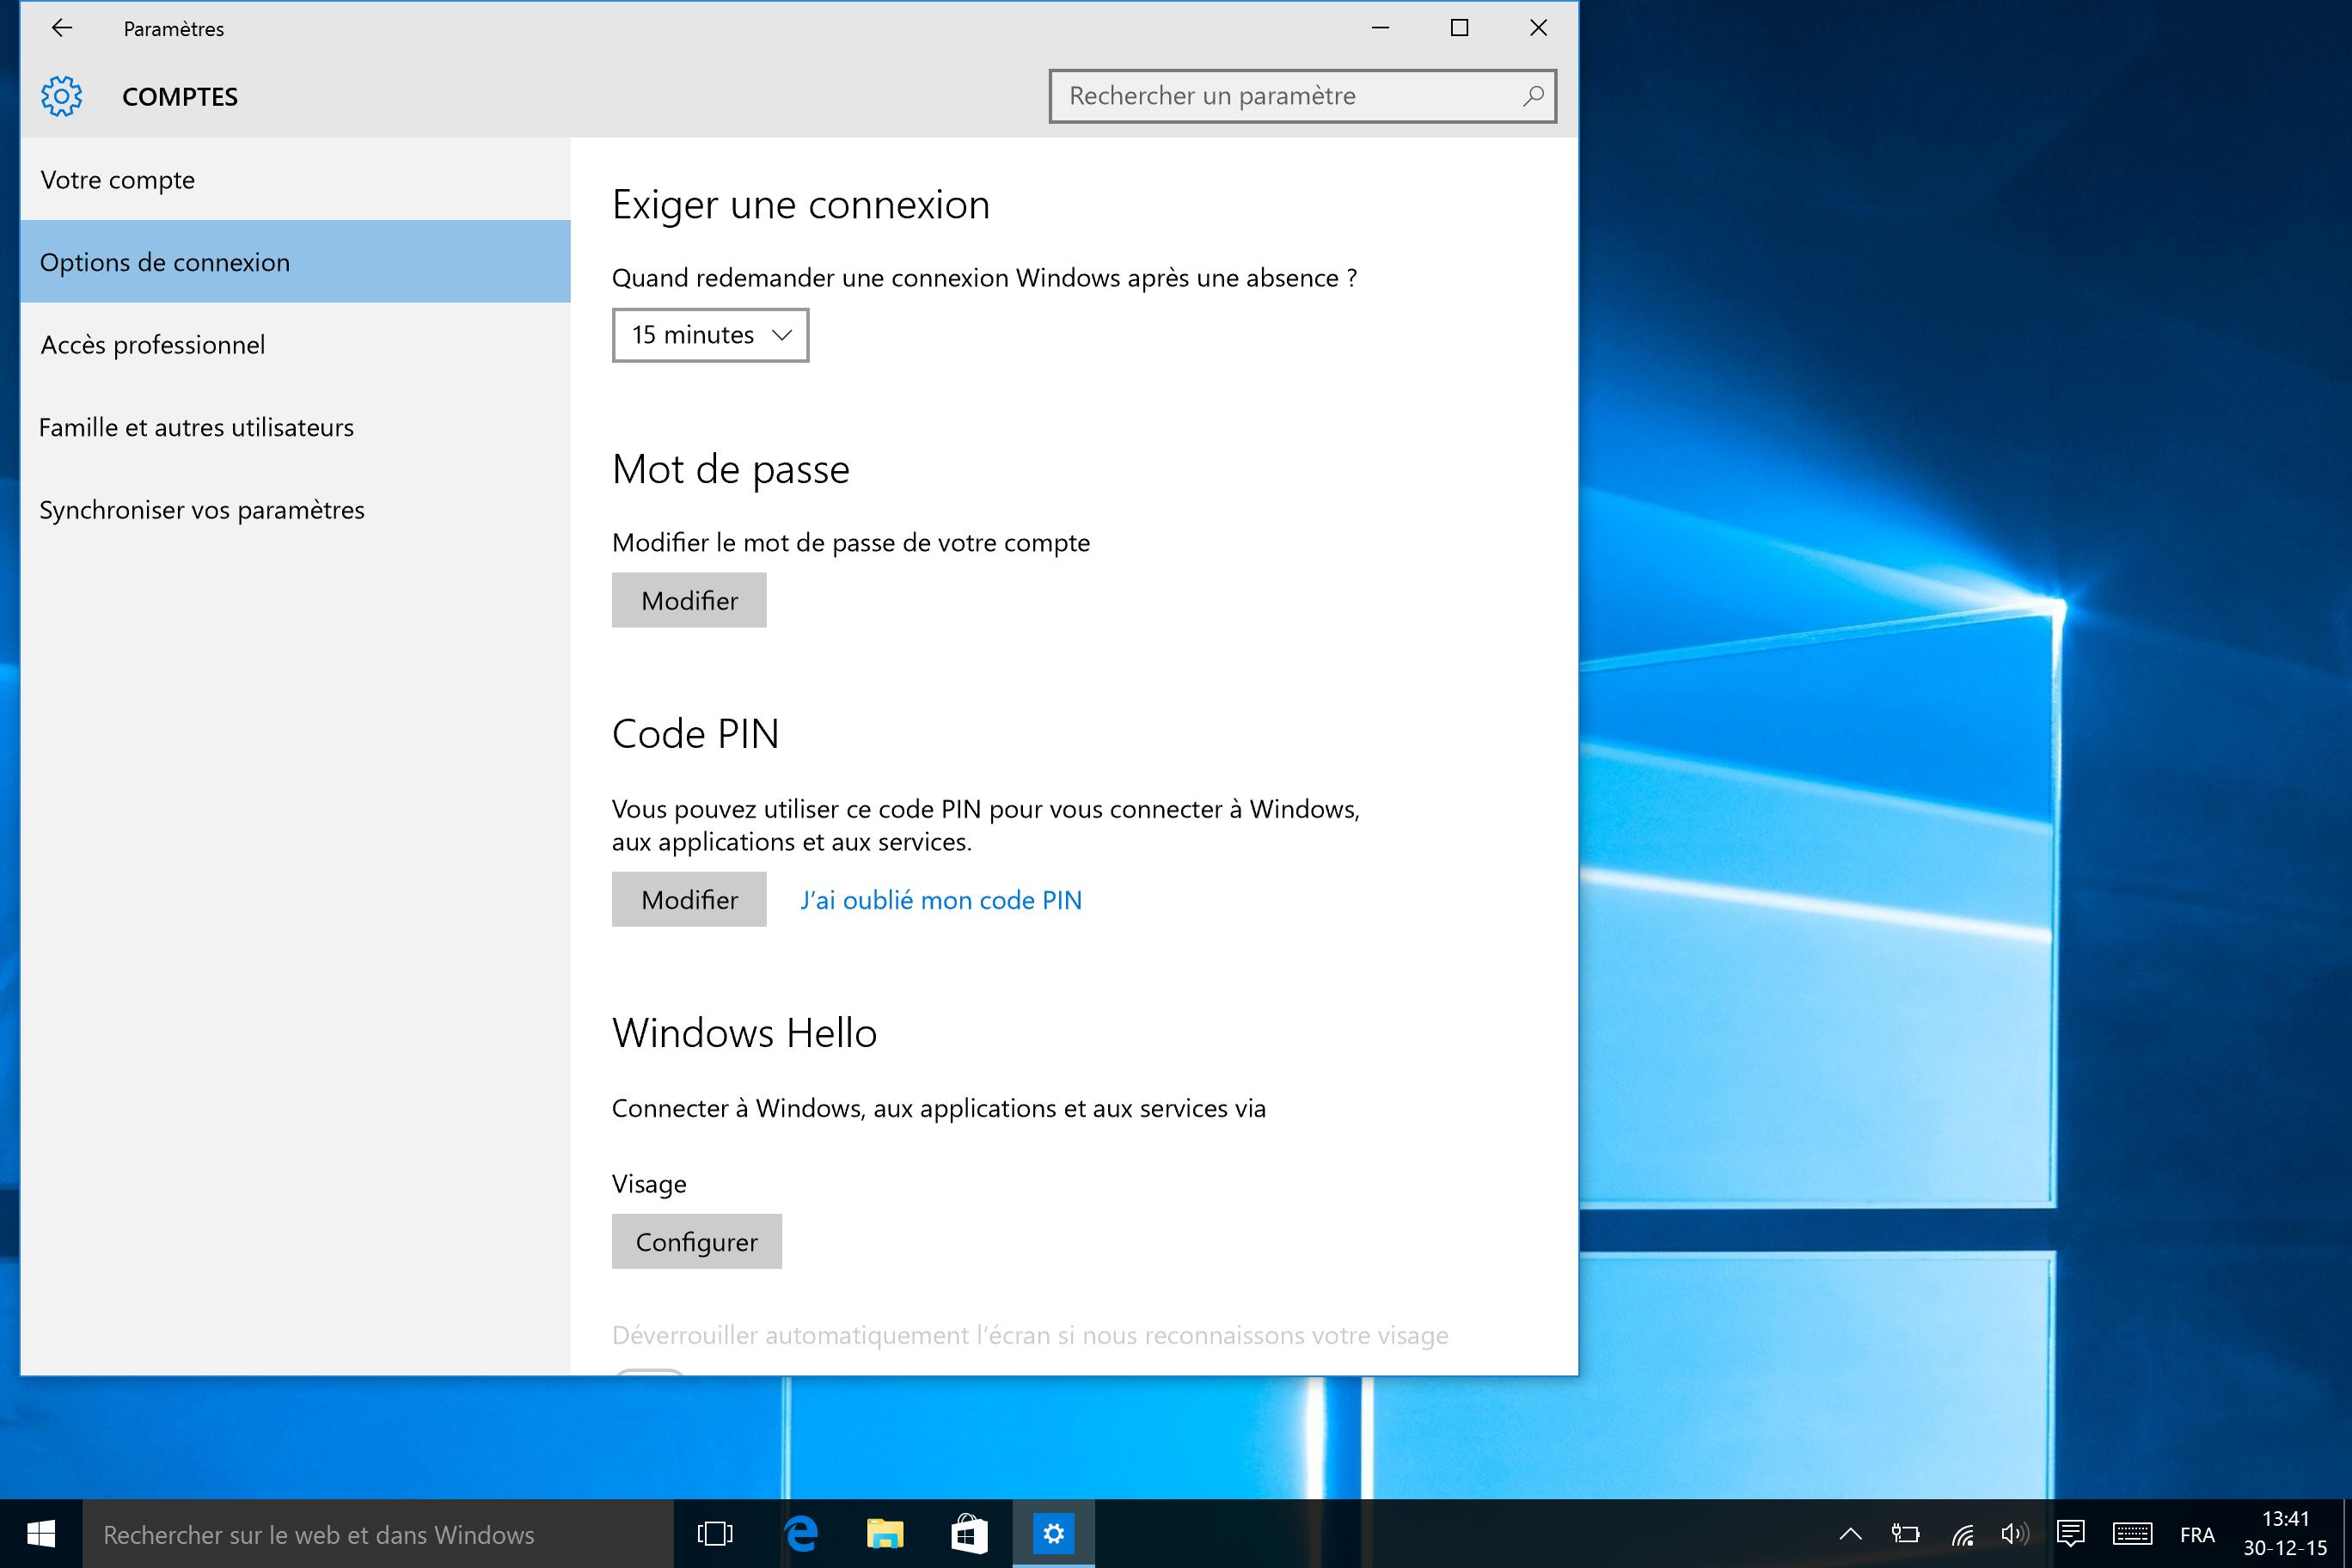 windows hello - pincode scherm FR